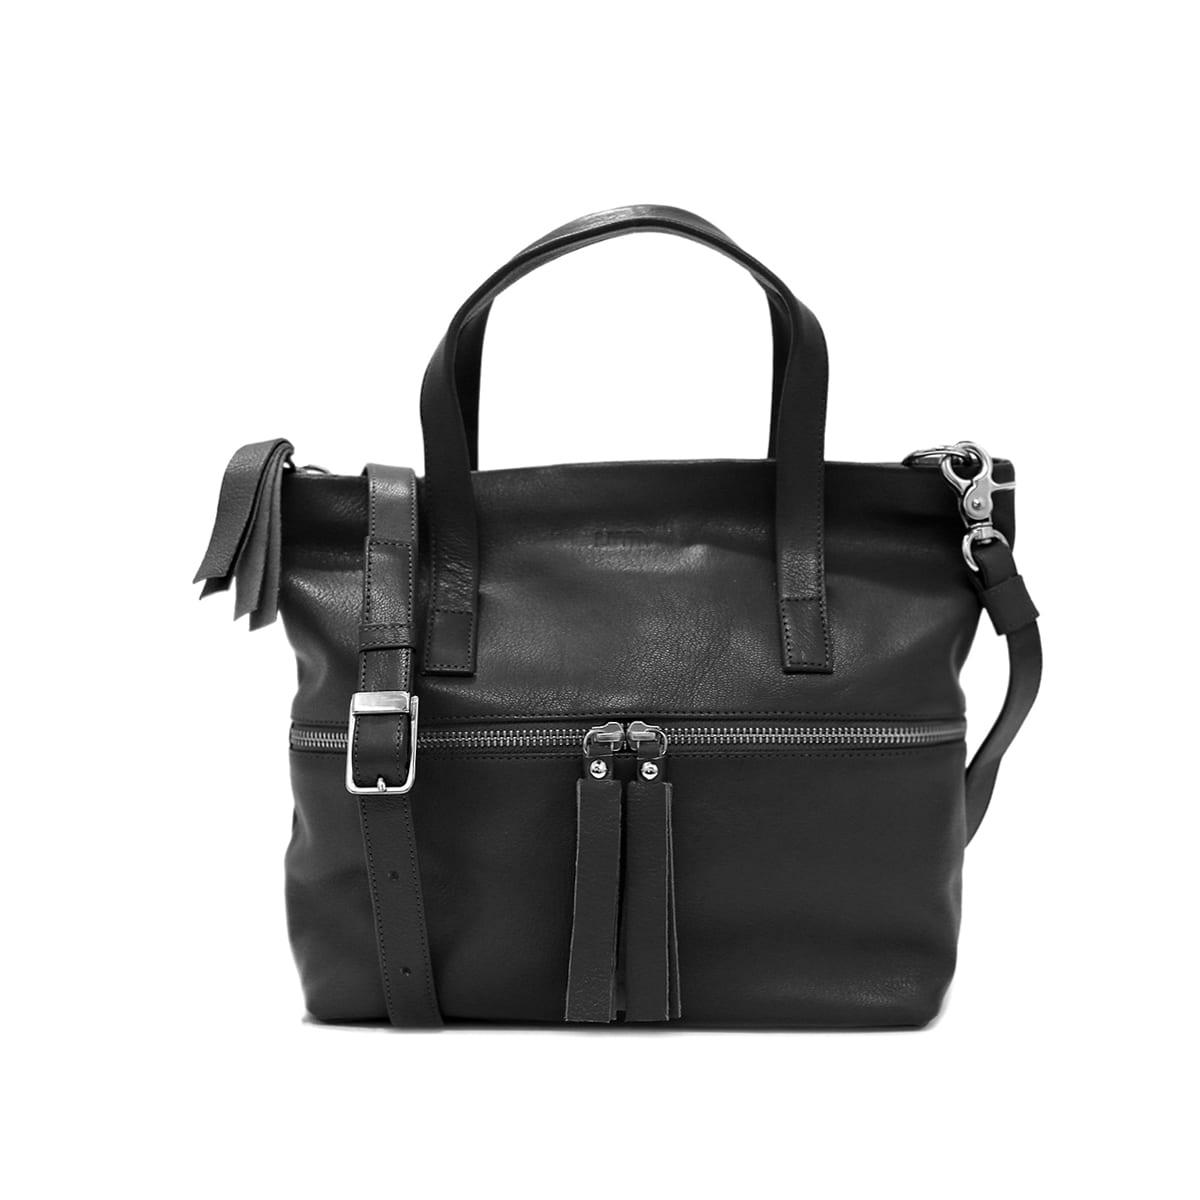 a360c5ddd4987 Molla Small Tote Bag Black – Lumi Accessories